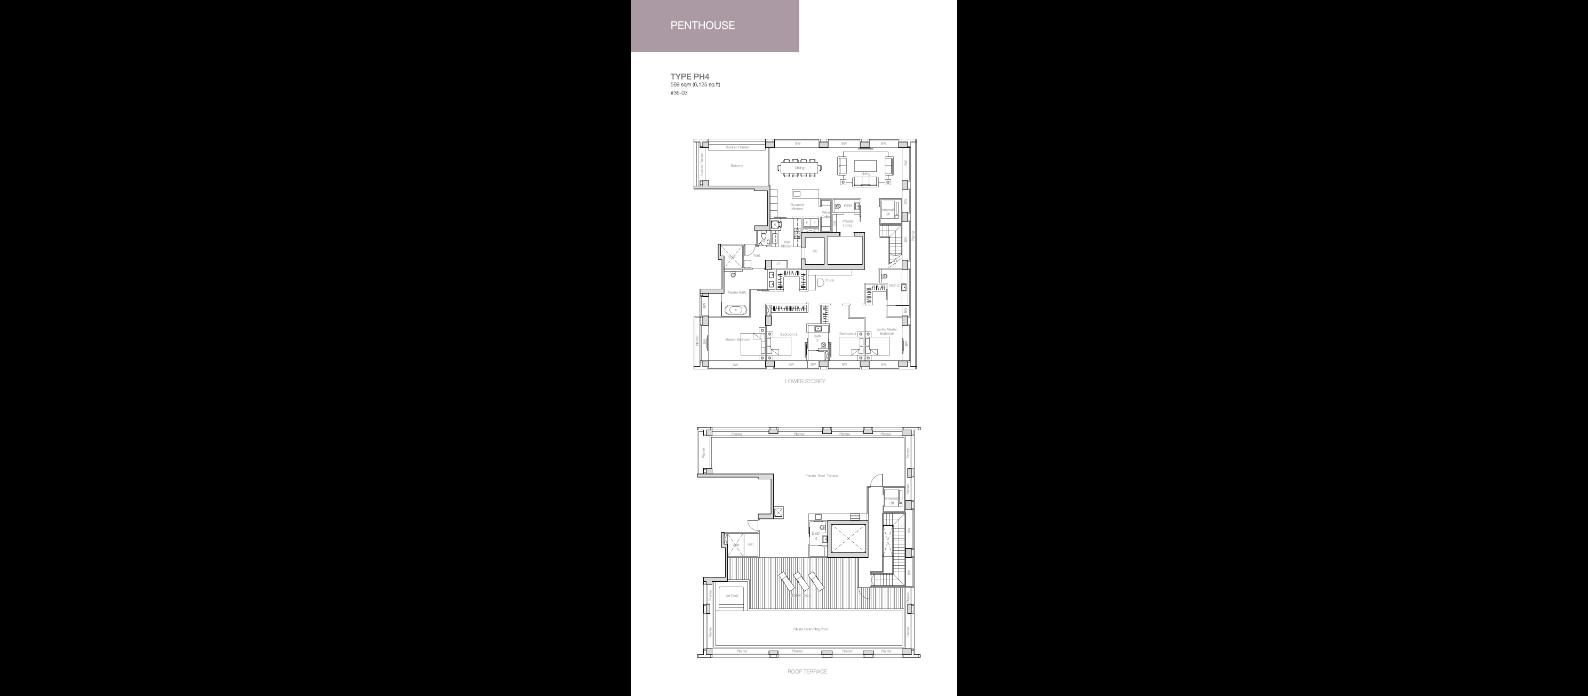 Nouvel 18 Floor Plans